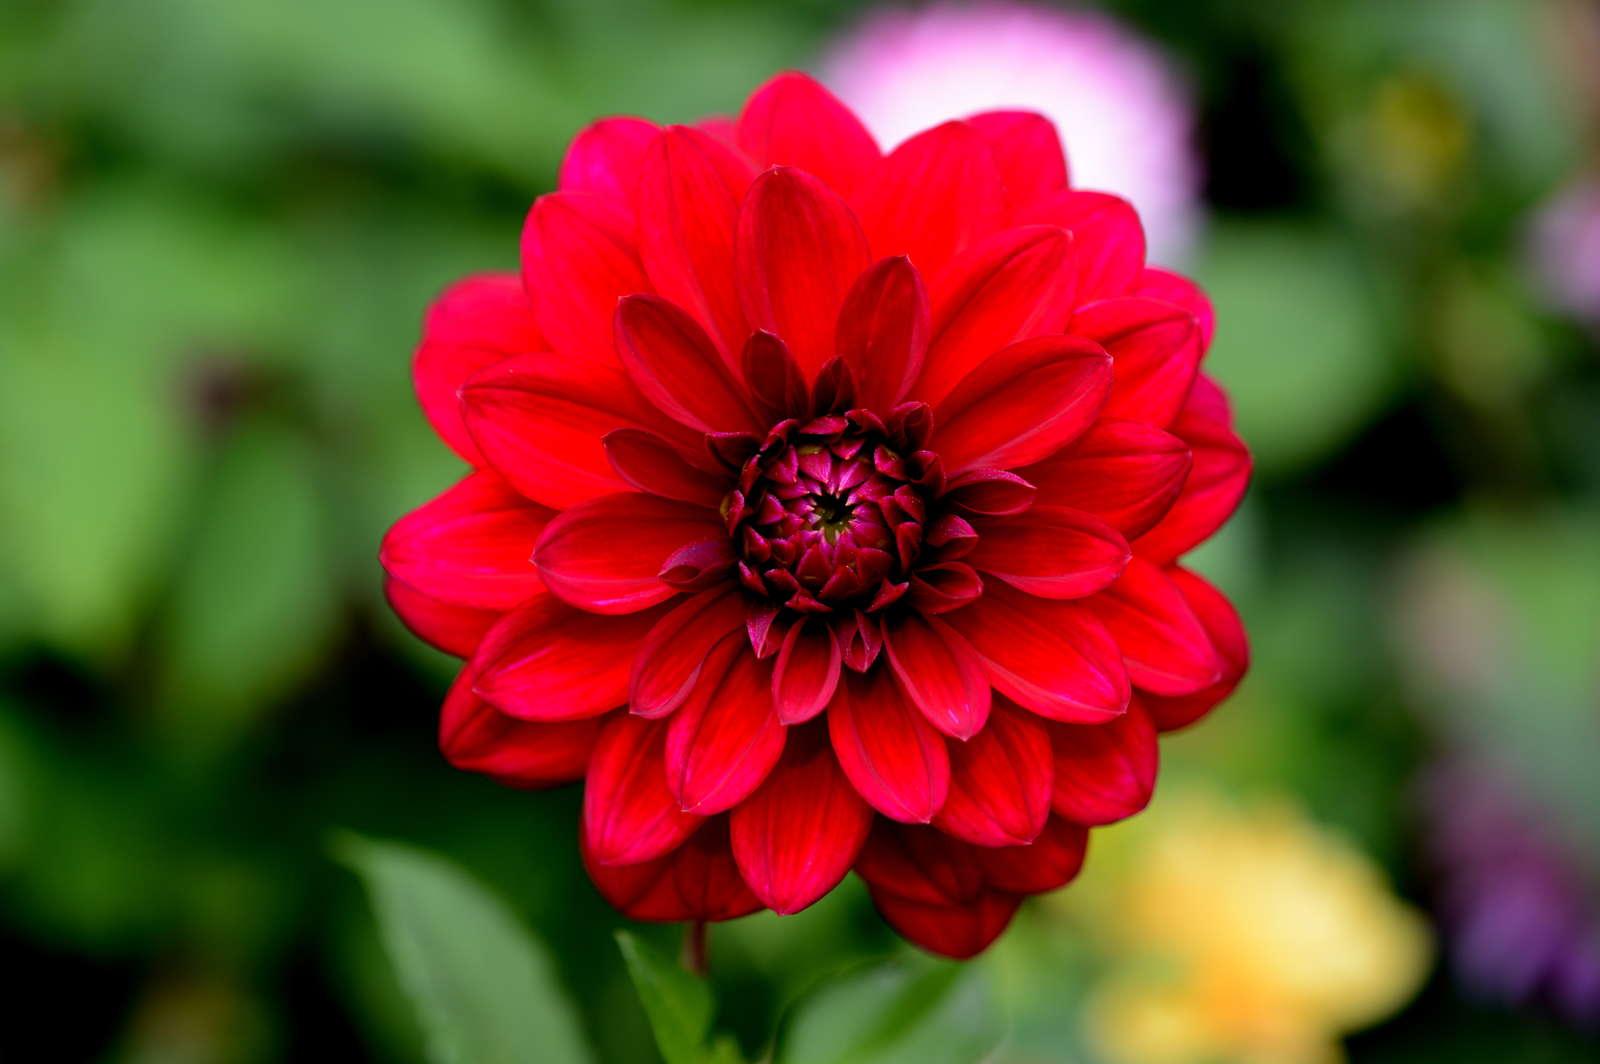 Prächtig 10 Tipps für blühfreudige & gesunde Dahlien - Plantura #GX_96